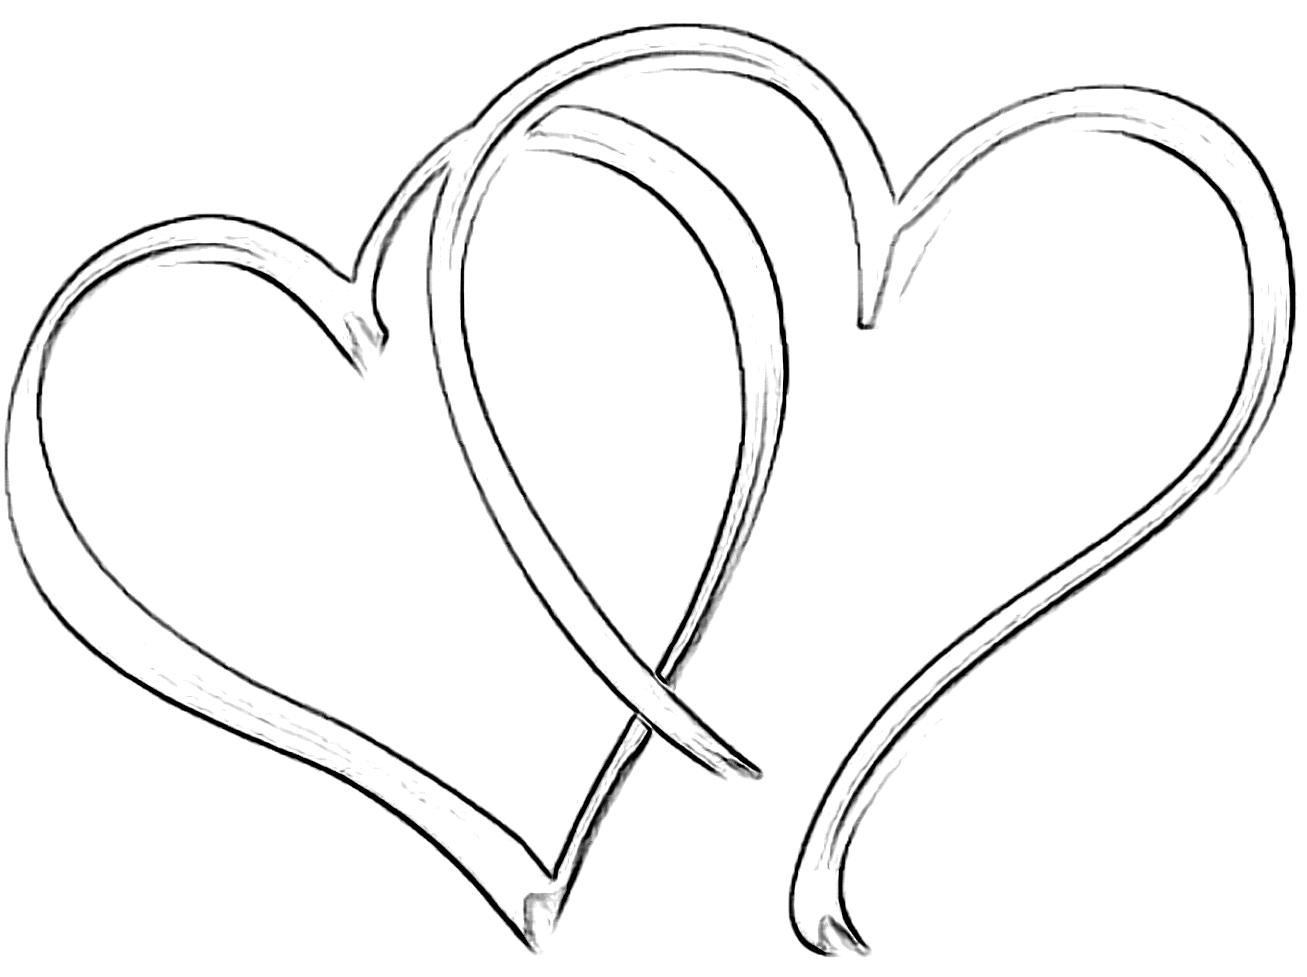 1307x977 Heart Shapes